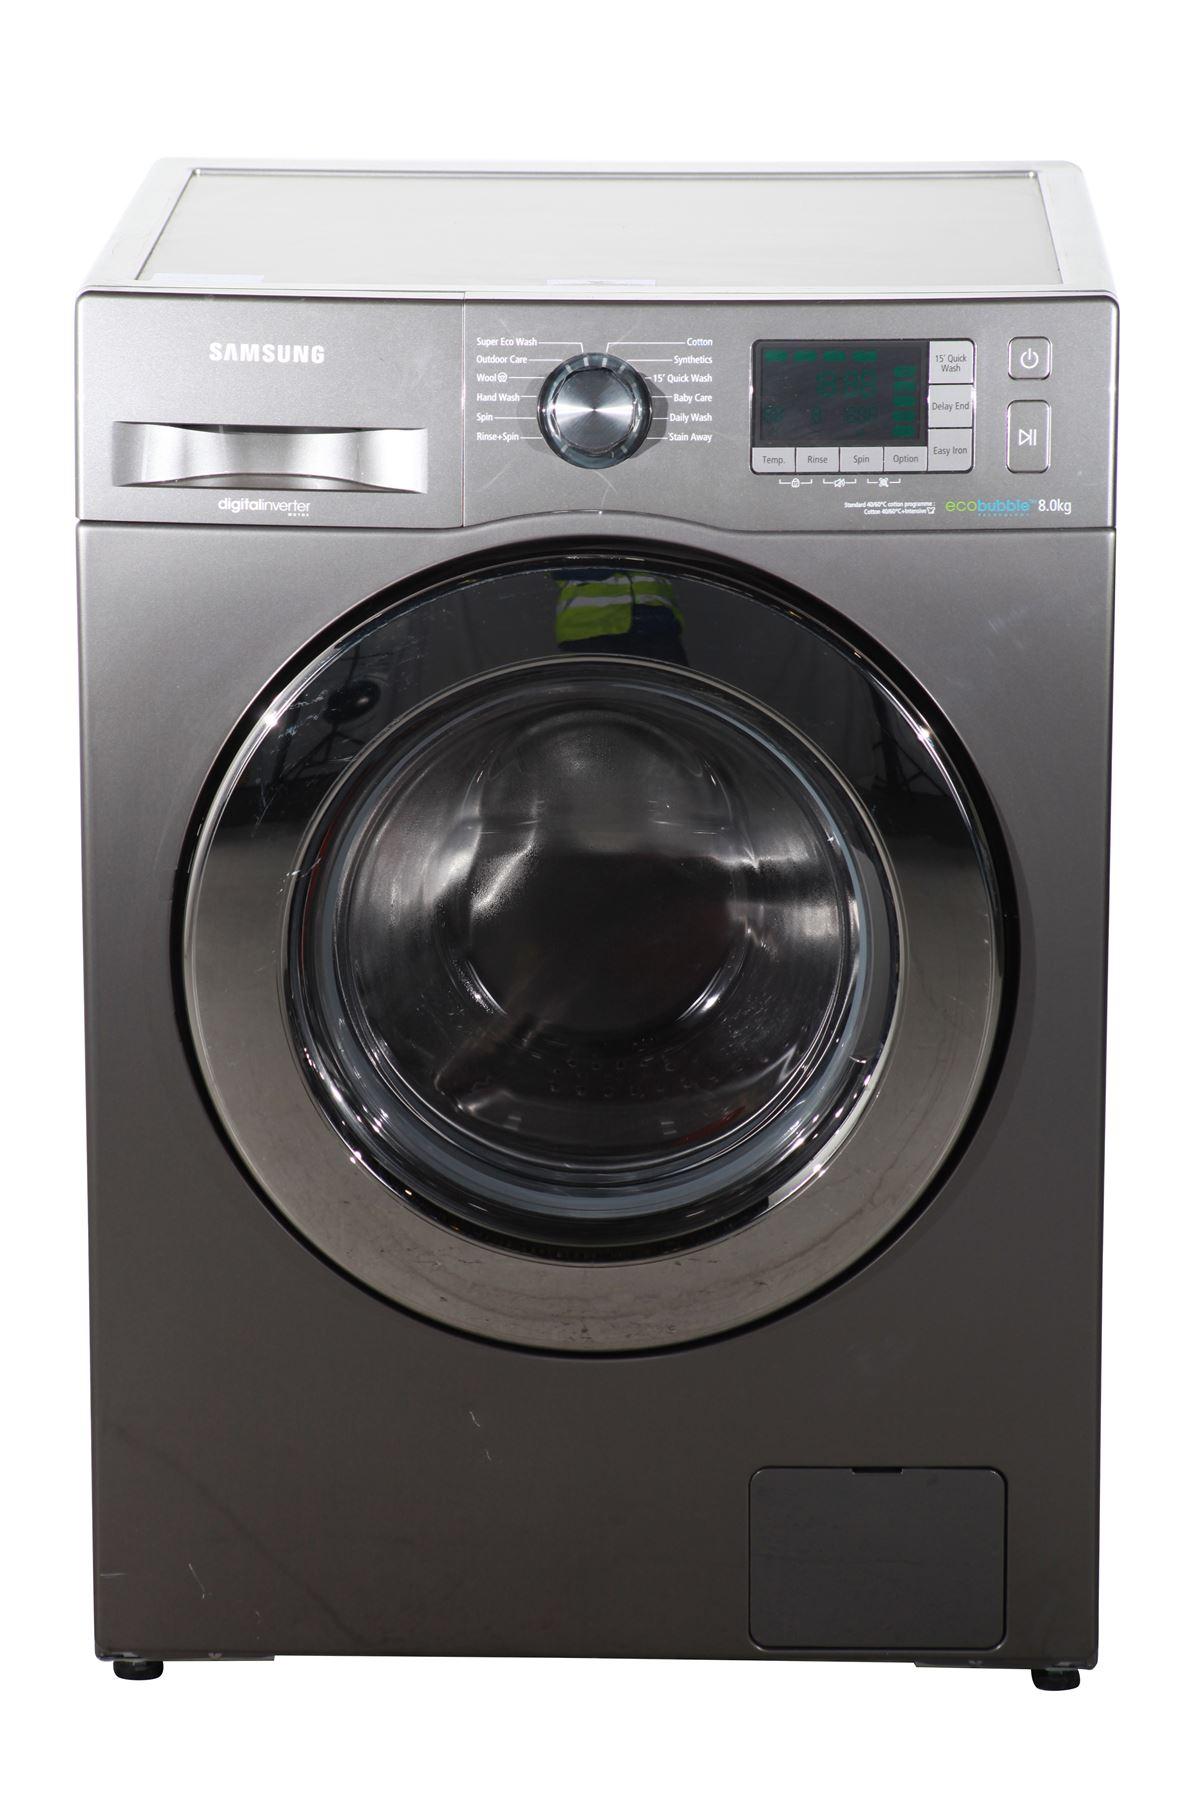 preloved samsung eco bubble 8kg washing machine. Black Bedroom Furniture Sets. Home Design Ideas